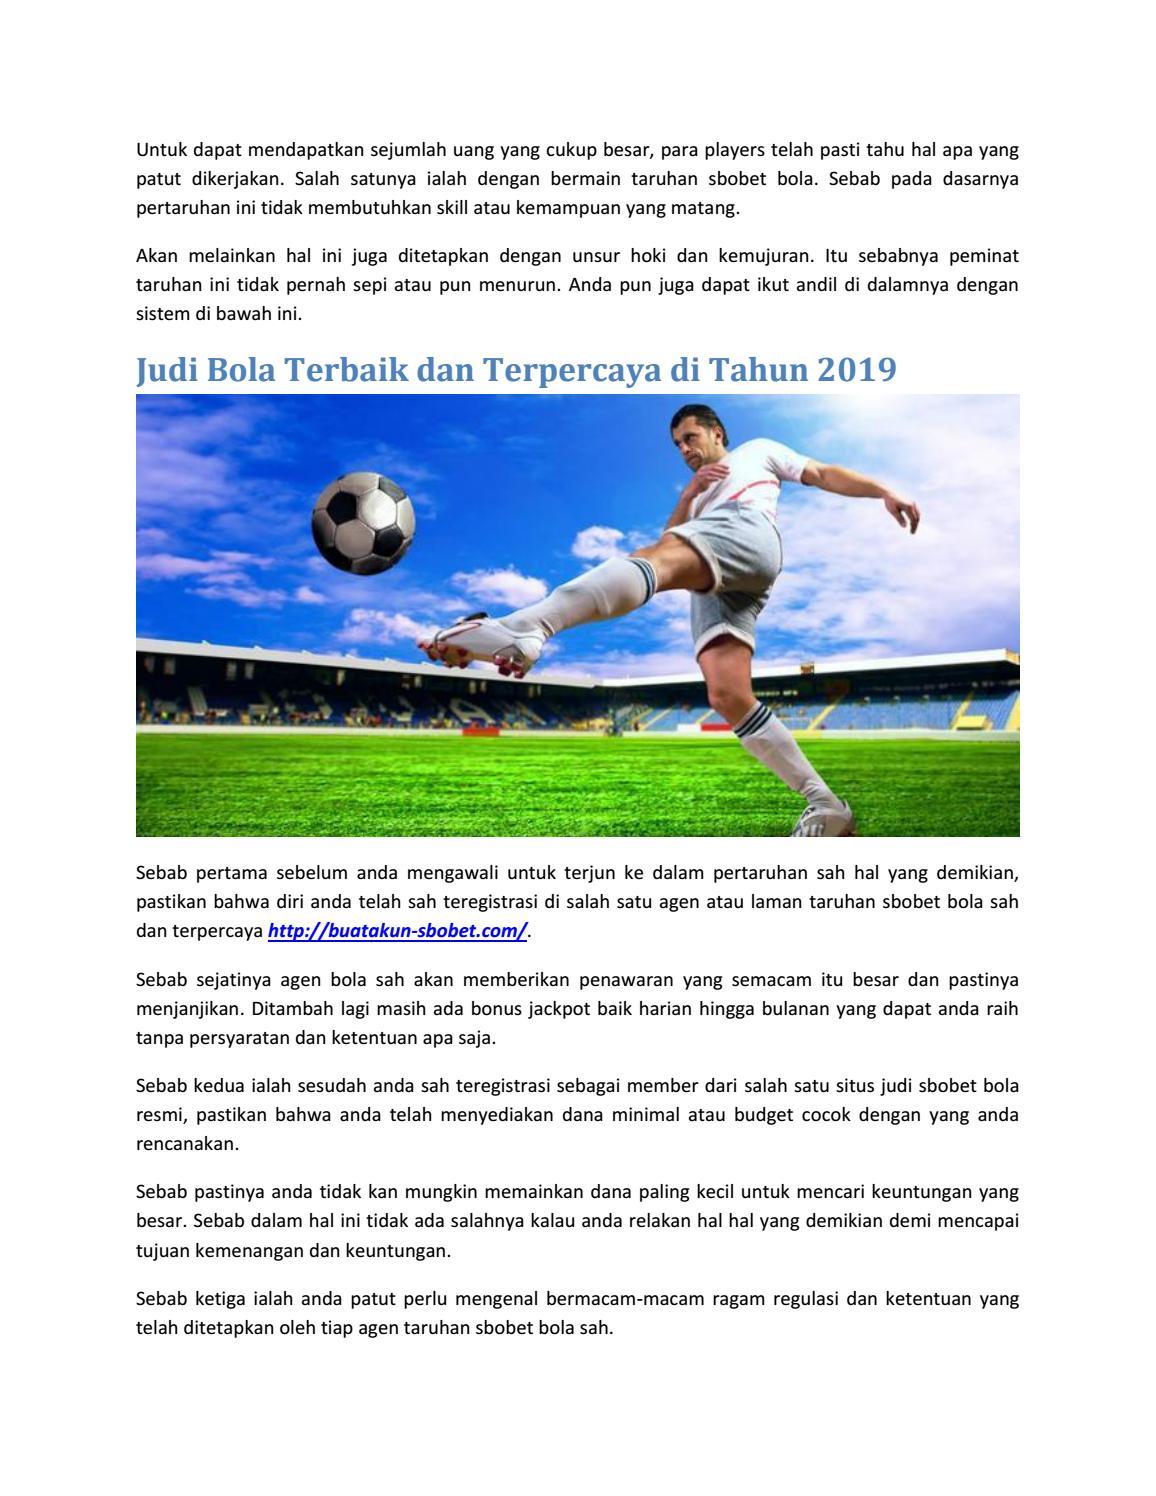 Judi Bola Terbaik Dan Terpercaya Di Tahun 2019 By Buat Akun Sbobet Issuu